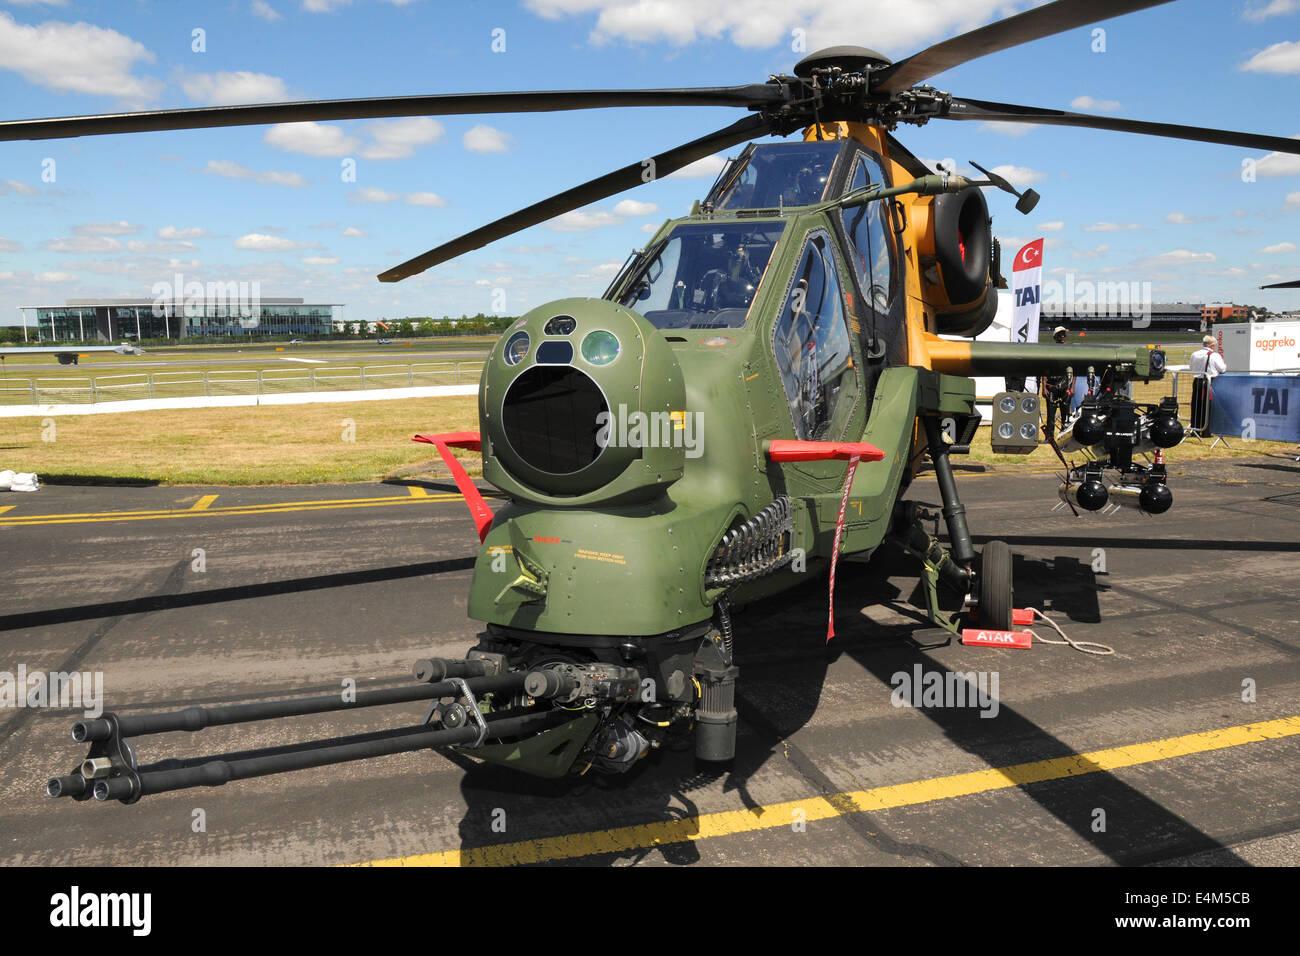 Elicottero T 129 : Farnborough regno unito. 14 luglio 2014. un tai agustawestland